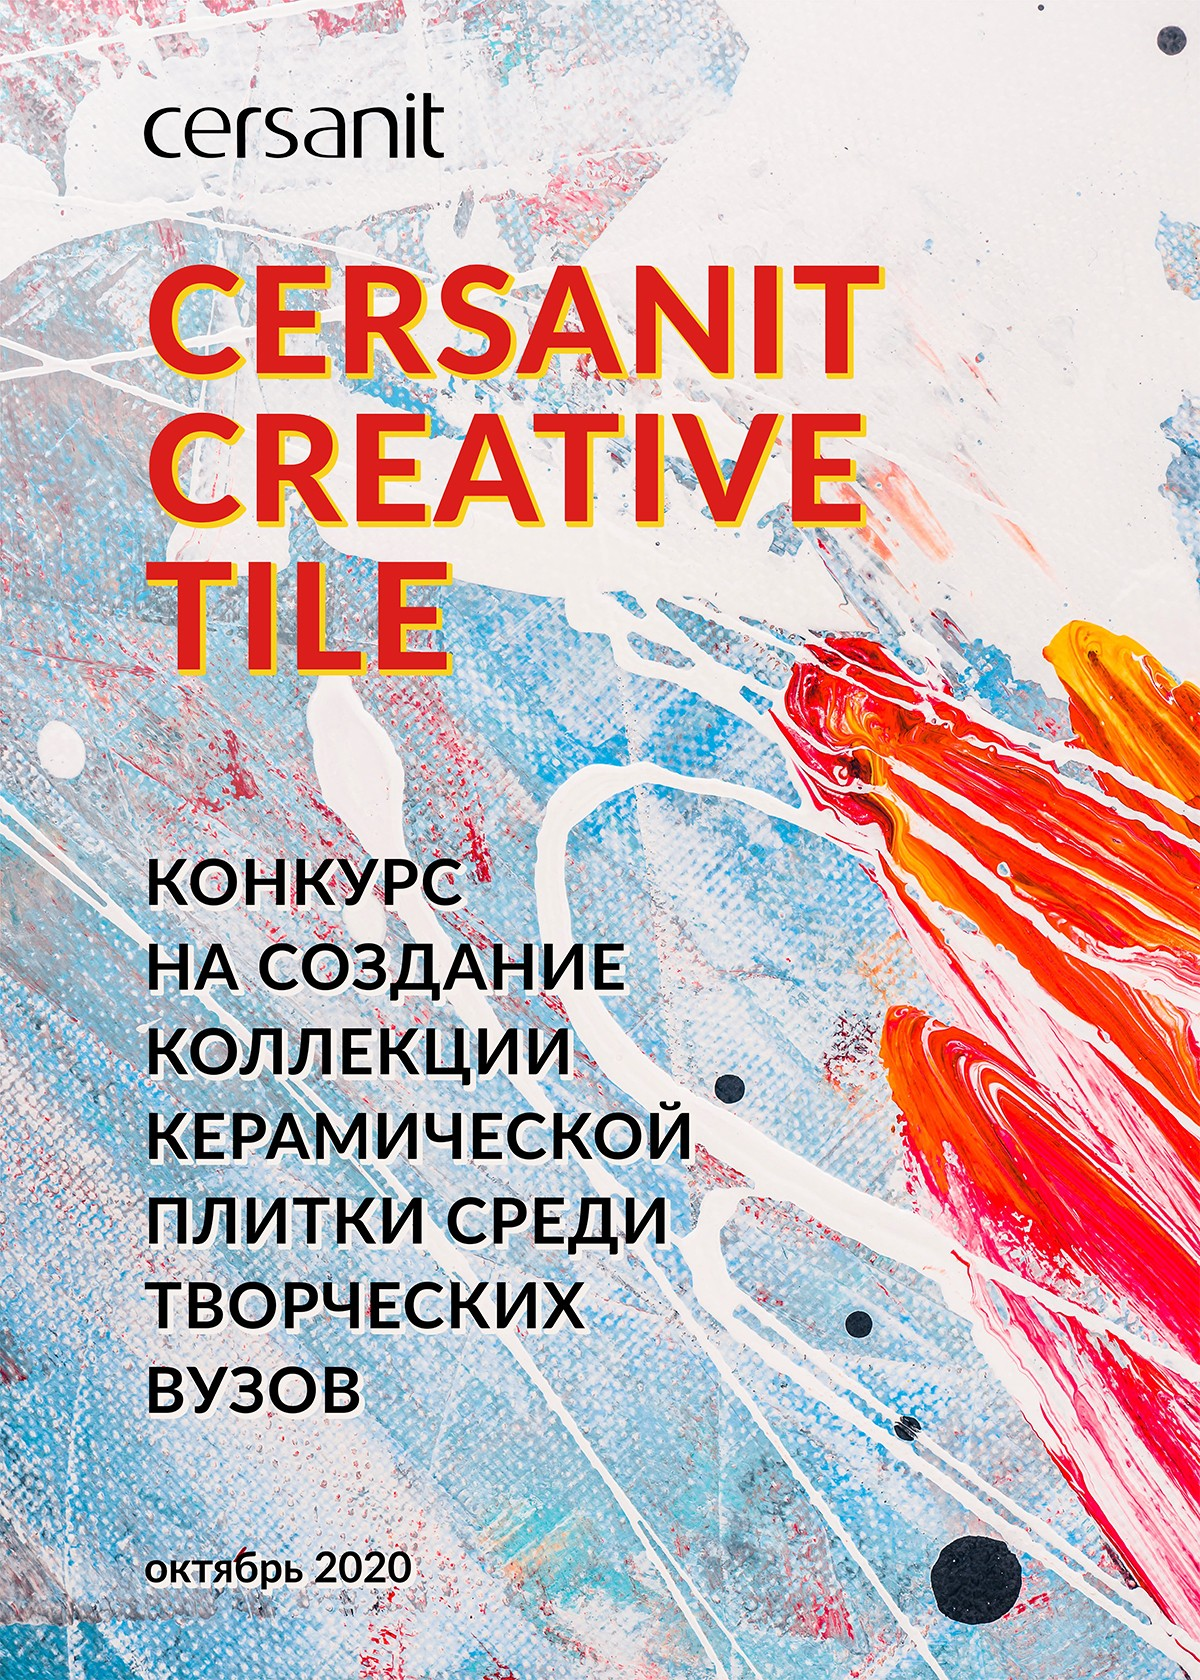 В Москве наградили победителей конкурса Cersanit Creative Tile